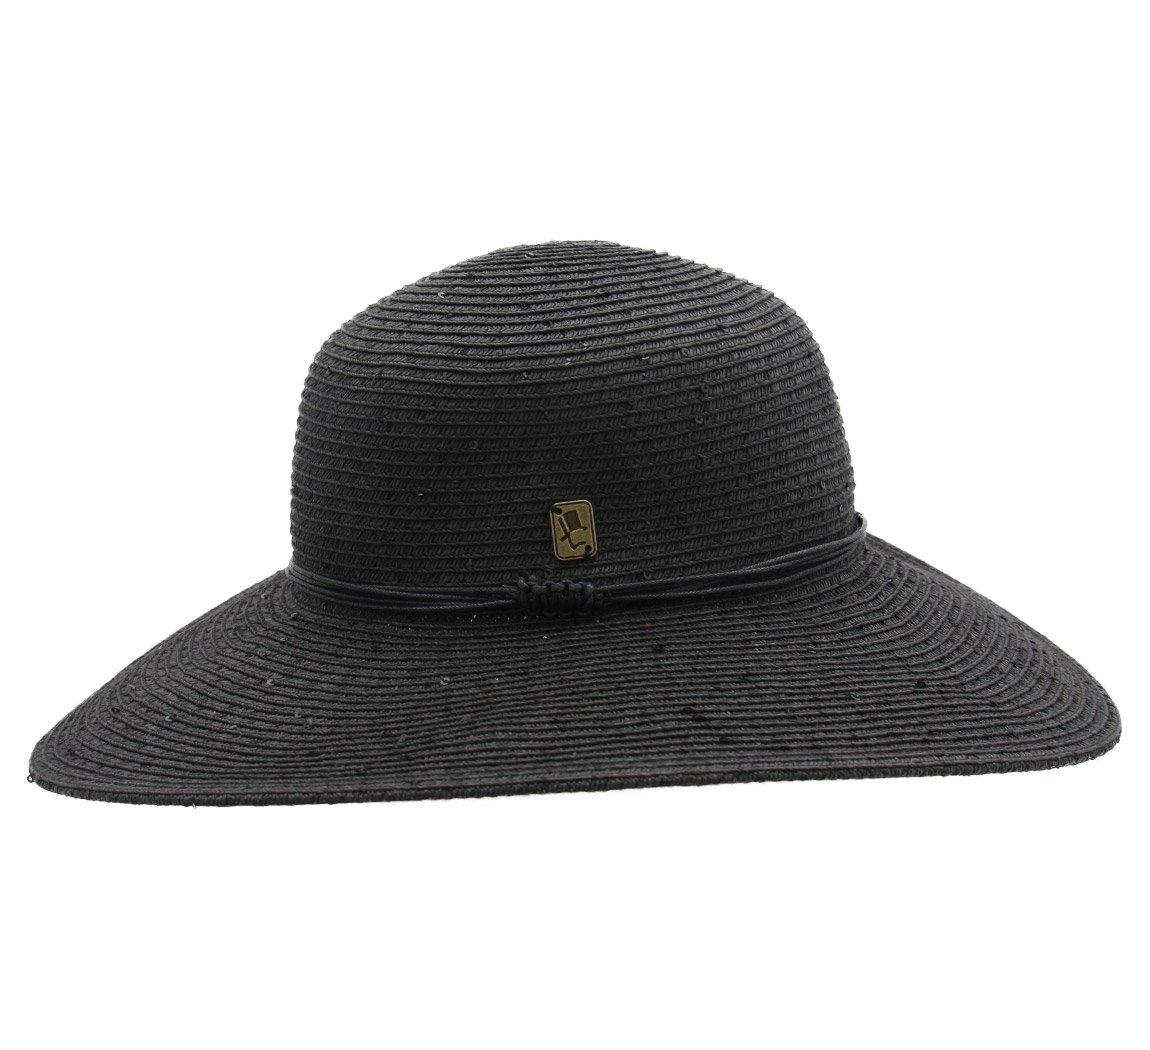 Herman - Cappello a falda larga donna SERENA - Size 57 cm - noir:  Amazon.it: Abbigliamento